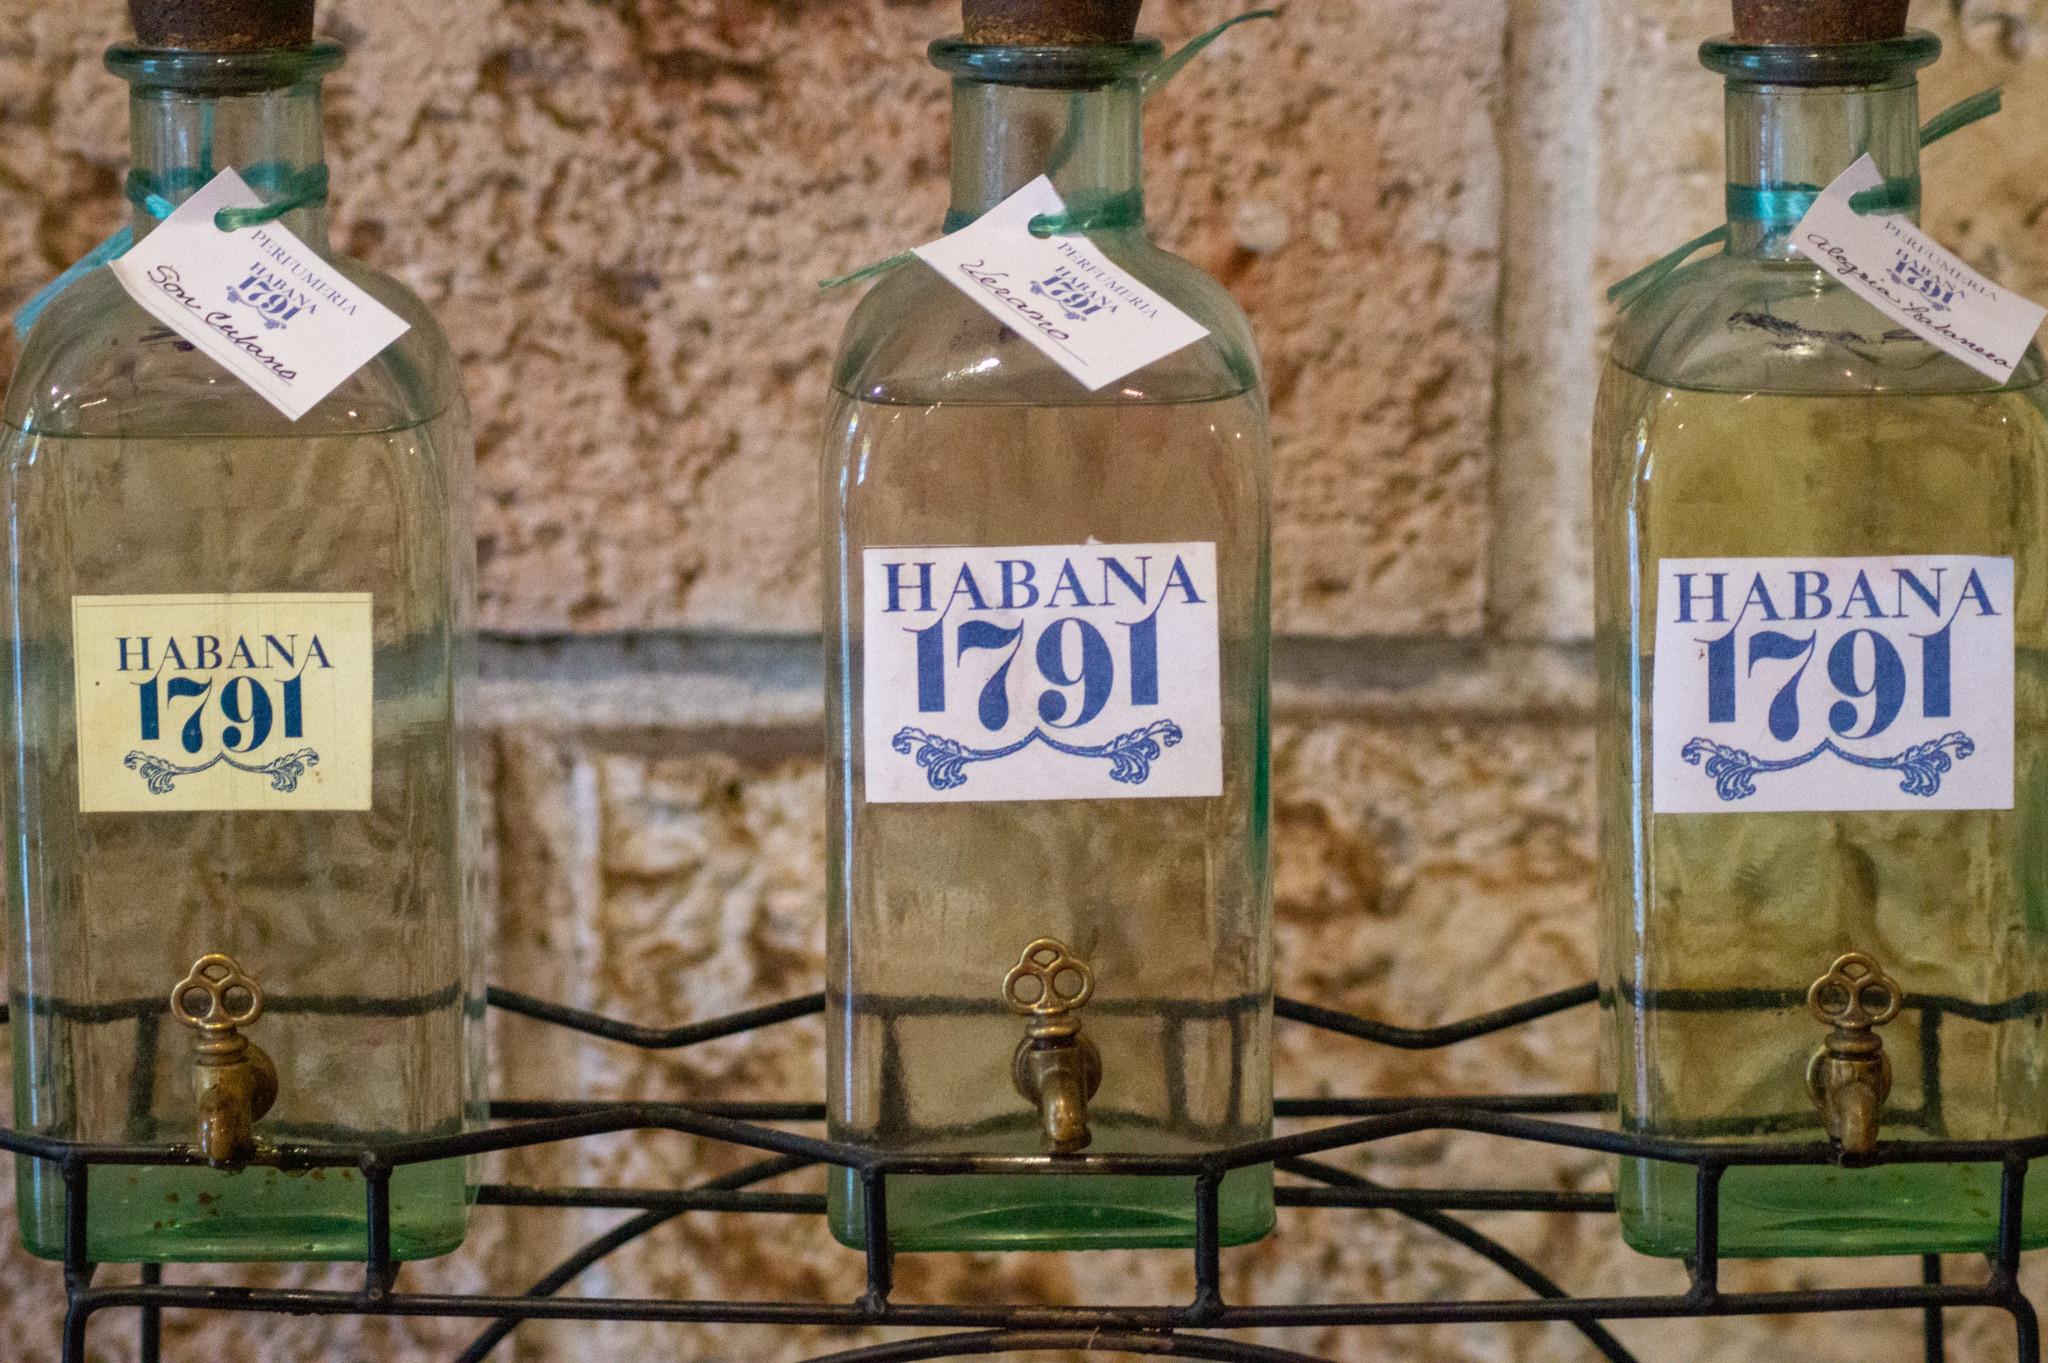 Das Habana 1791 ist ein Parfümmuseum in Havanna